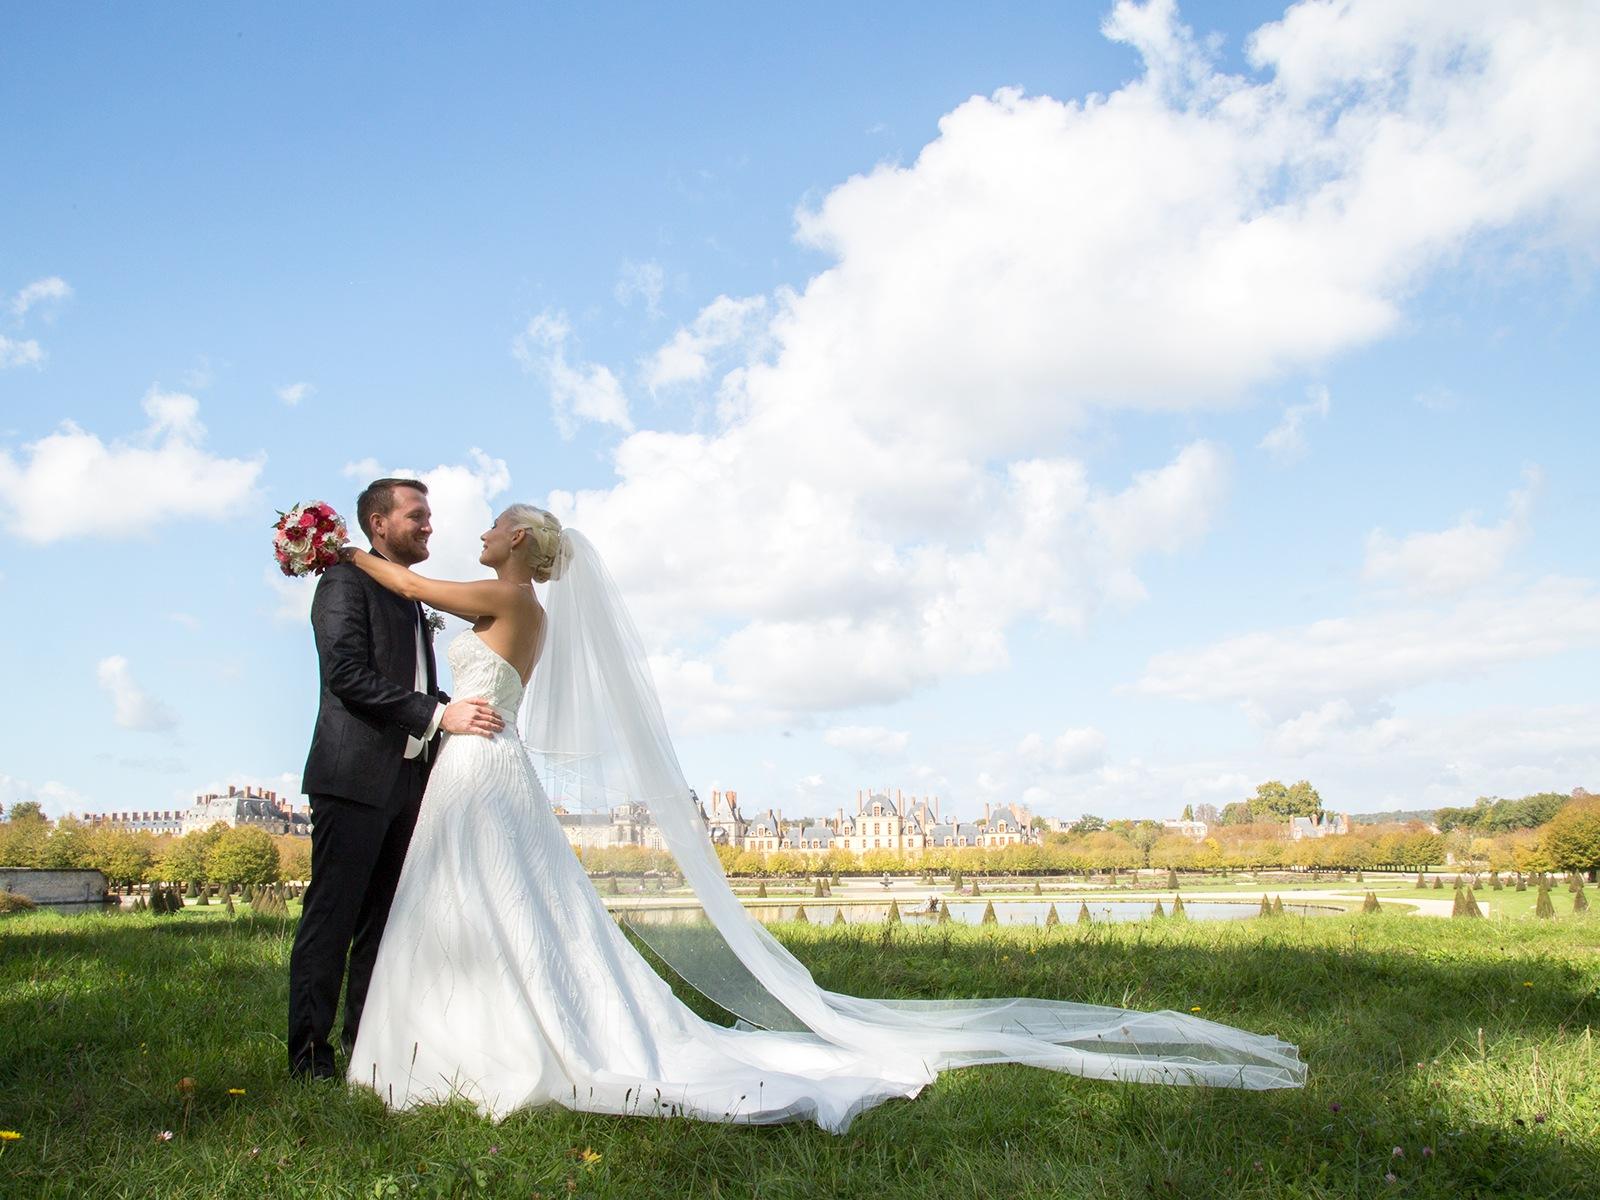 château-bouquet-mariés enlacés